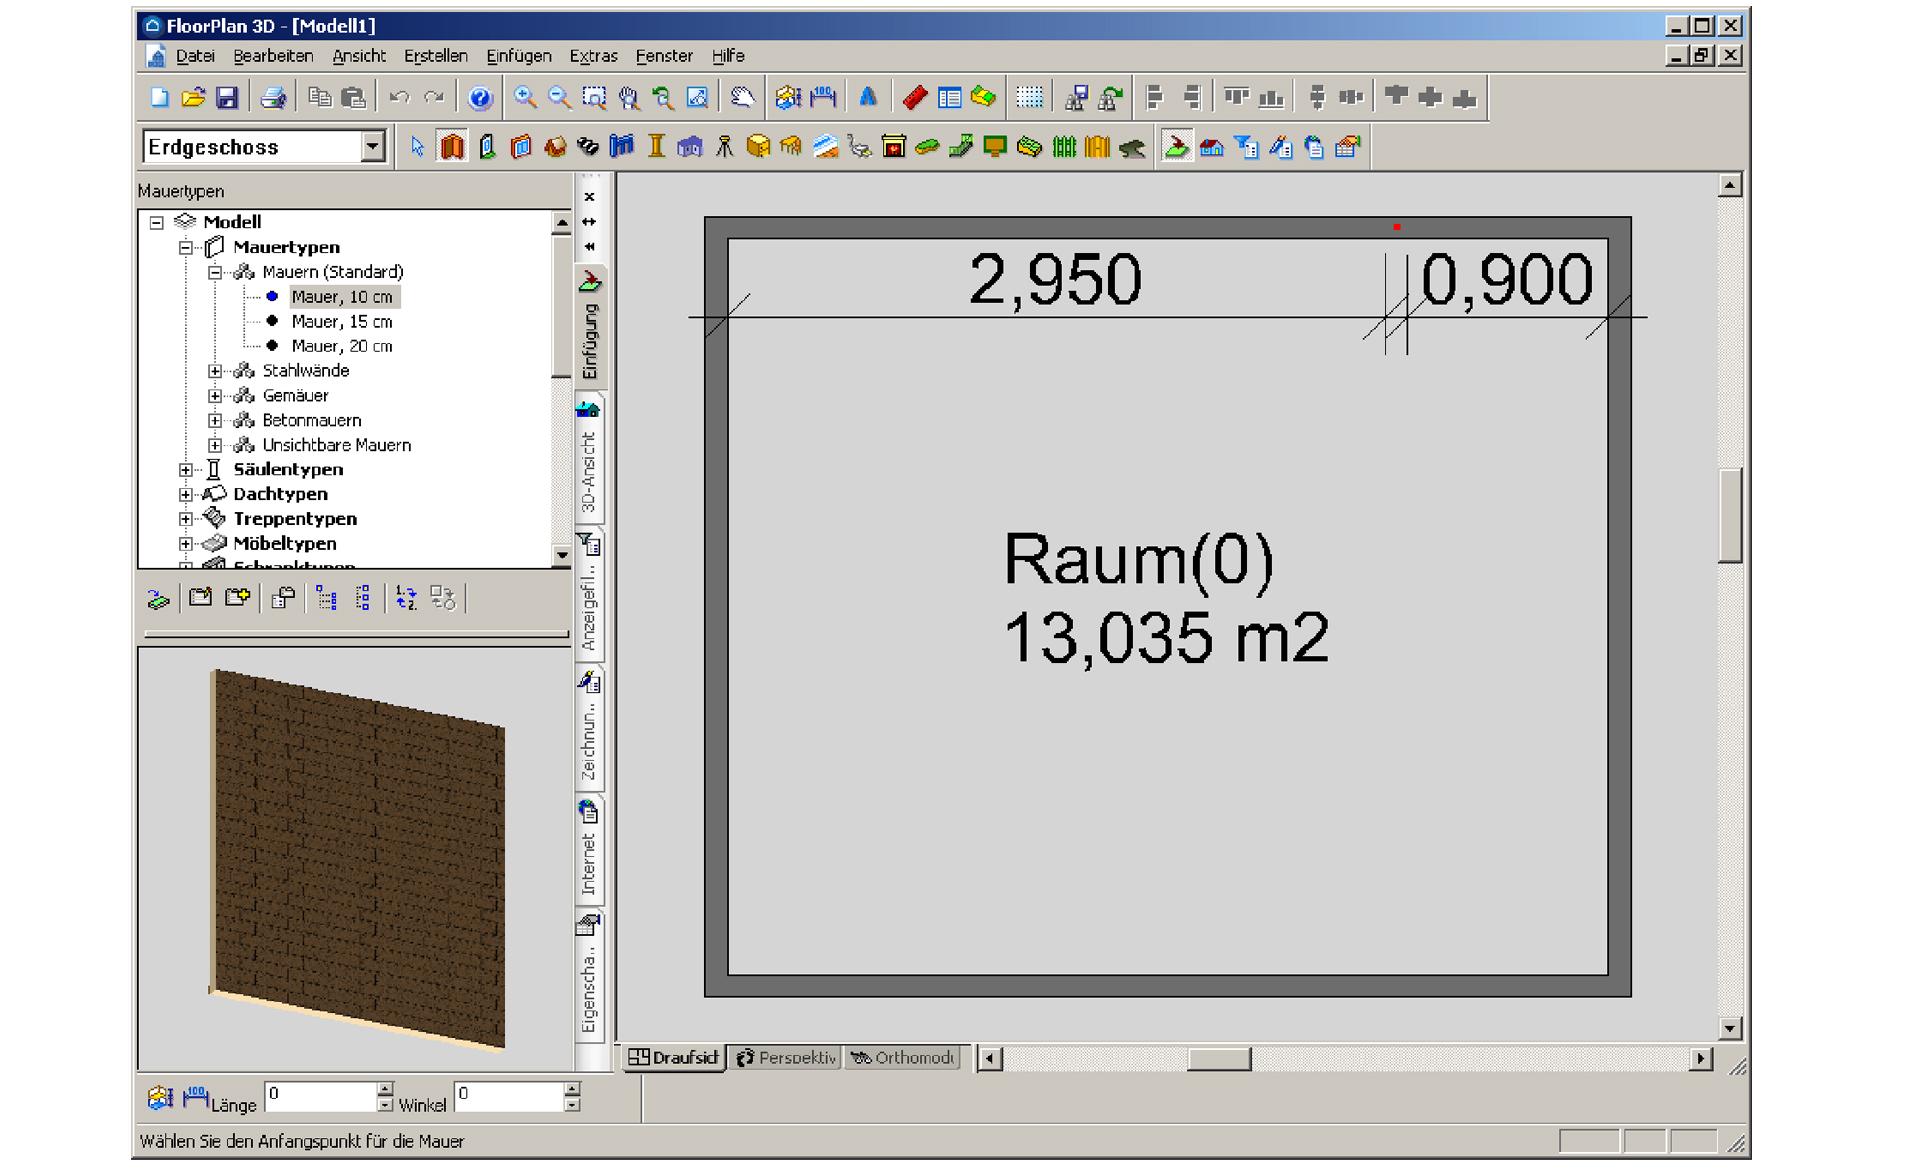 einrichtungsplaner 3d kostenlos einrichtungsplaner einrichtungsplaner kostenlos online f r mac. Black Bedroom Furniture Sets. Home Design Ideas